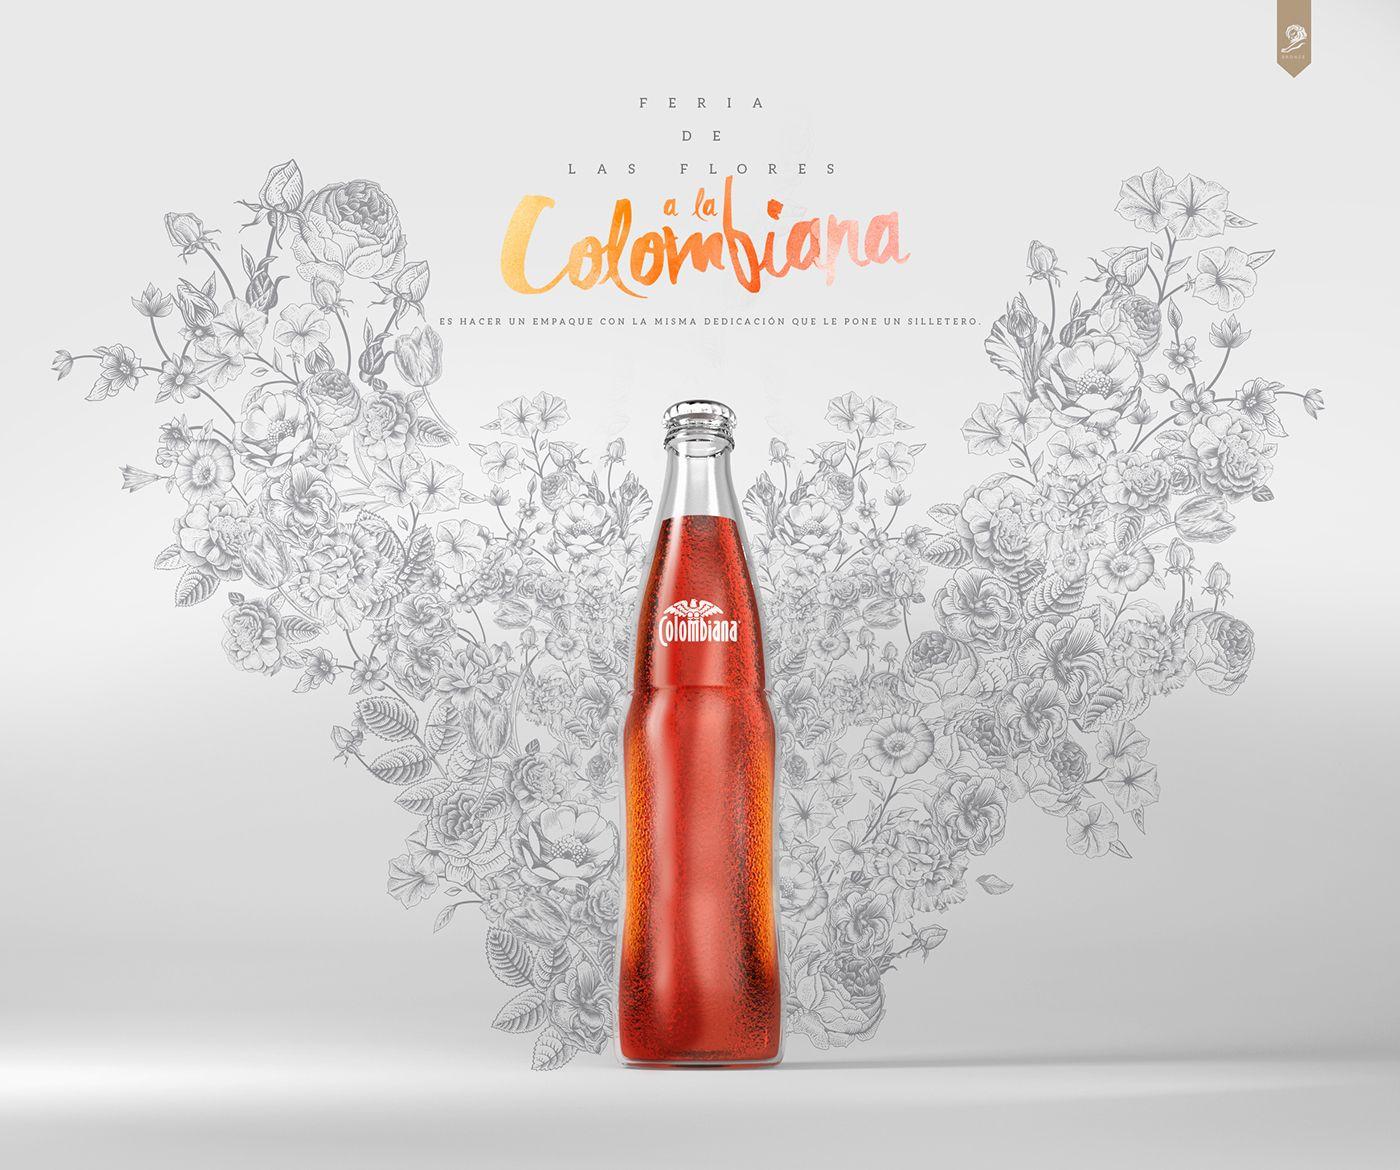 Colombia es uno de los países que tiene mayor biodiversidad en flora y fauna, además de una riqueza infinita en culturas, tradiciones,sabores y ritmos. Hoy decidimos concentrarnos en uno de los eventos que mas nos representa en el mundo entero,la feria…